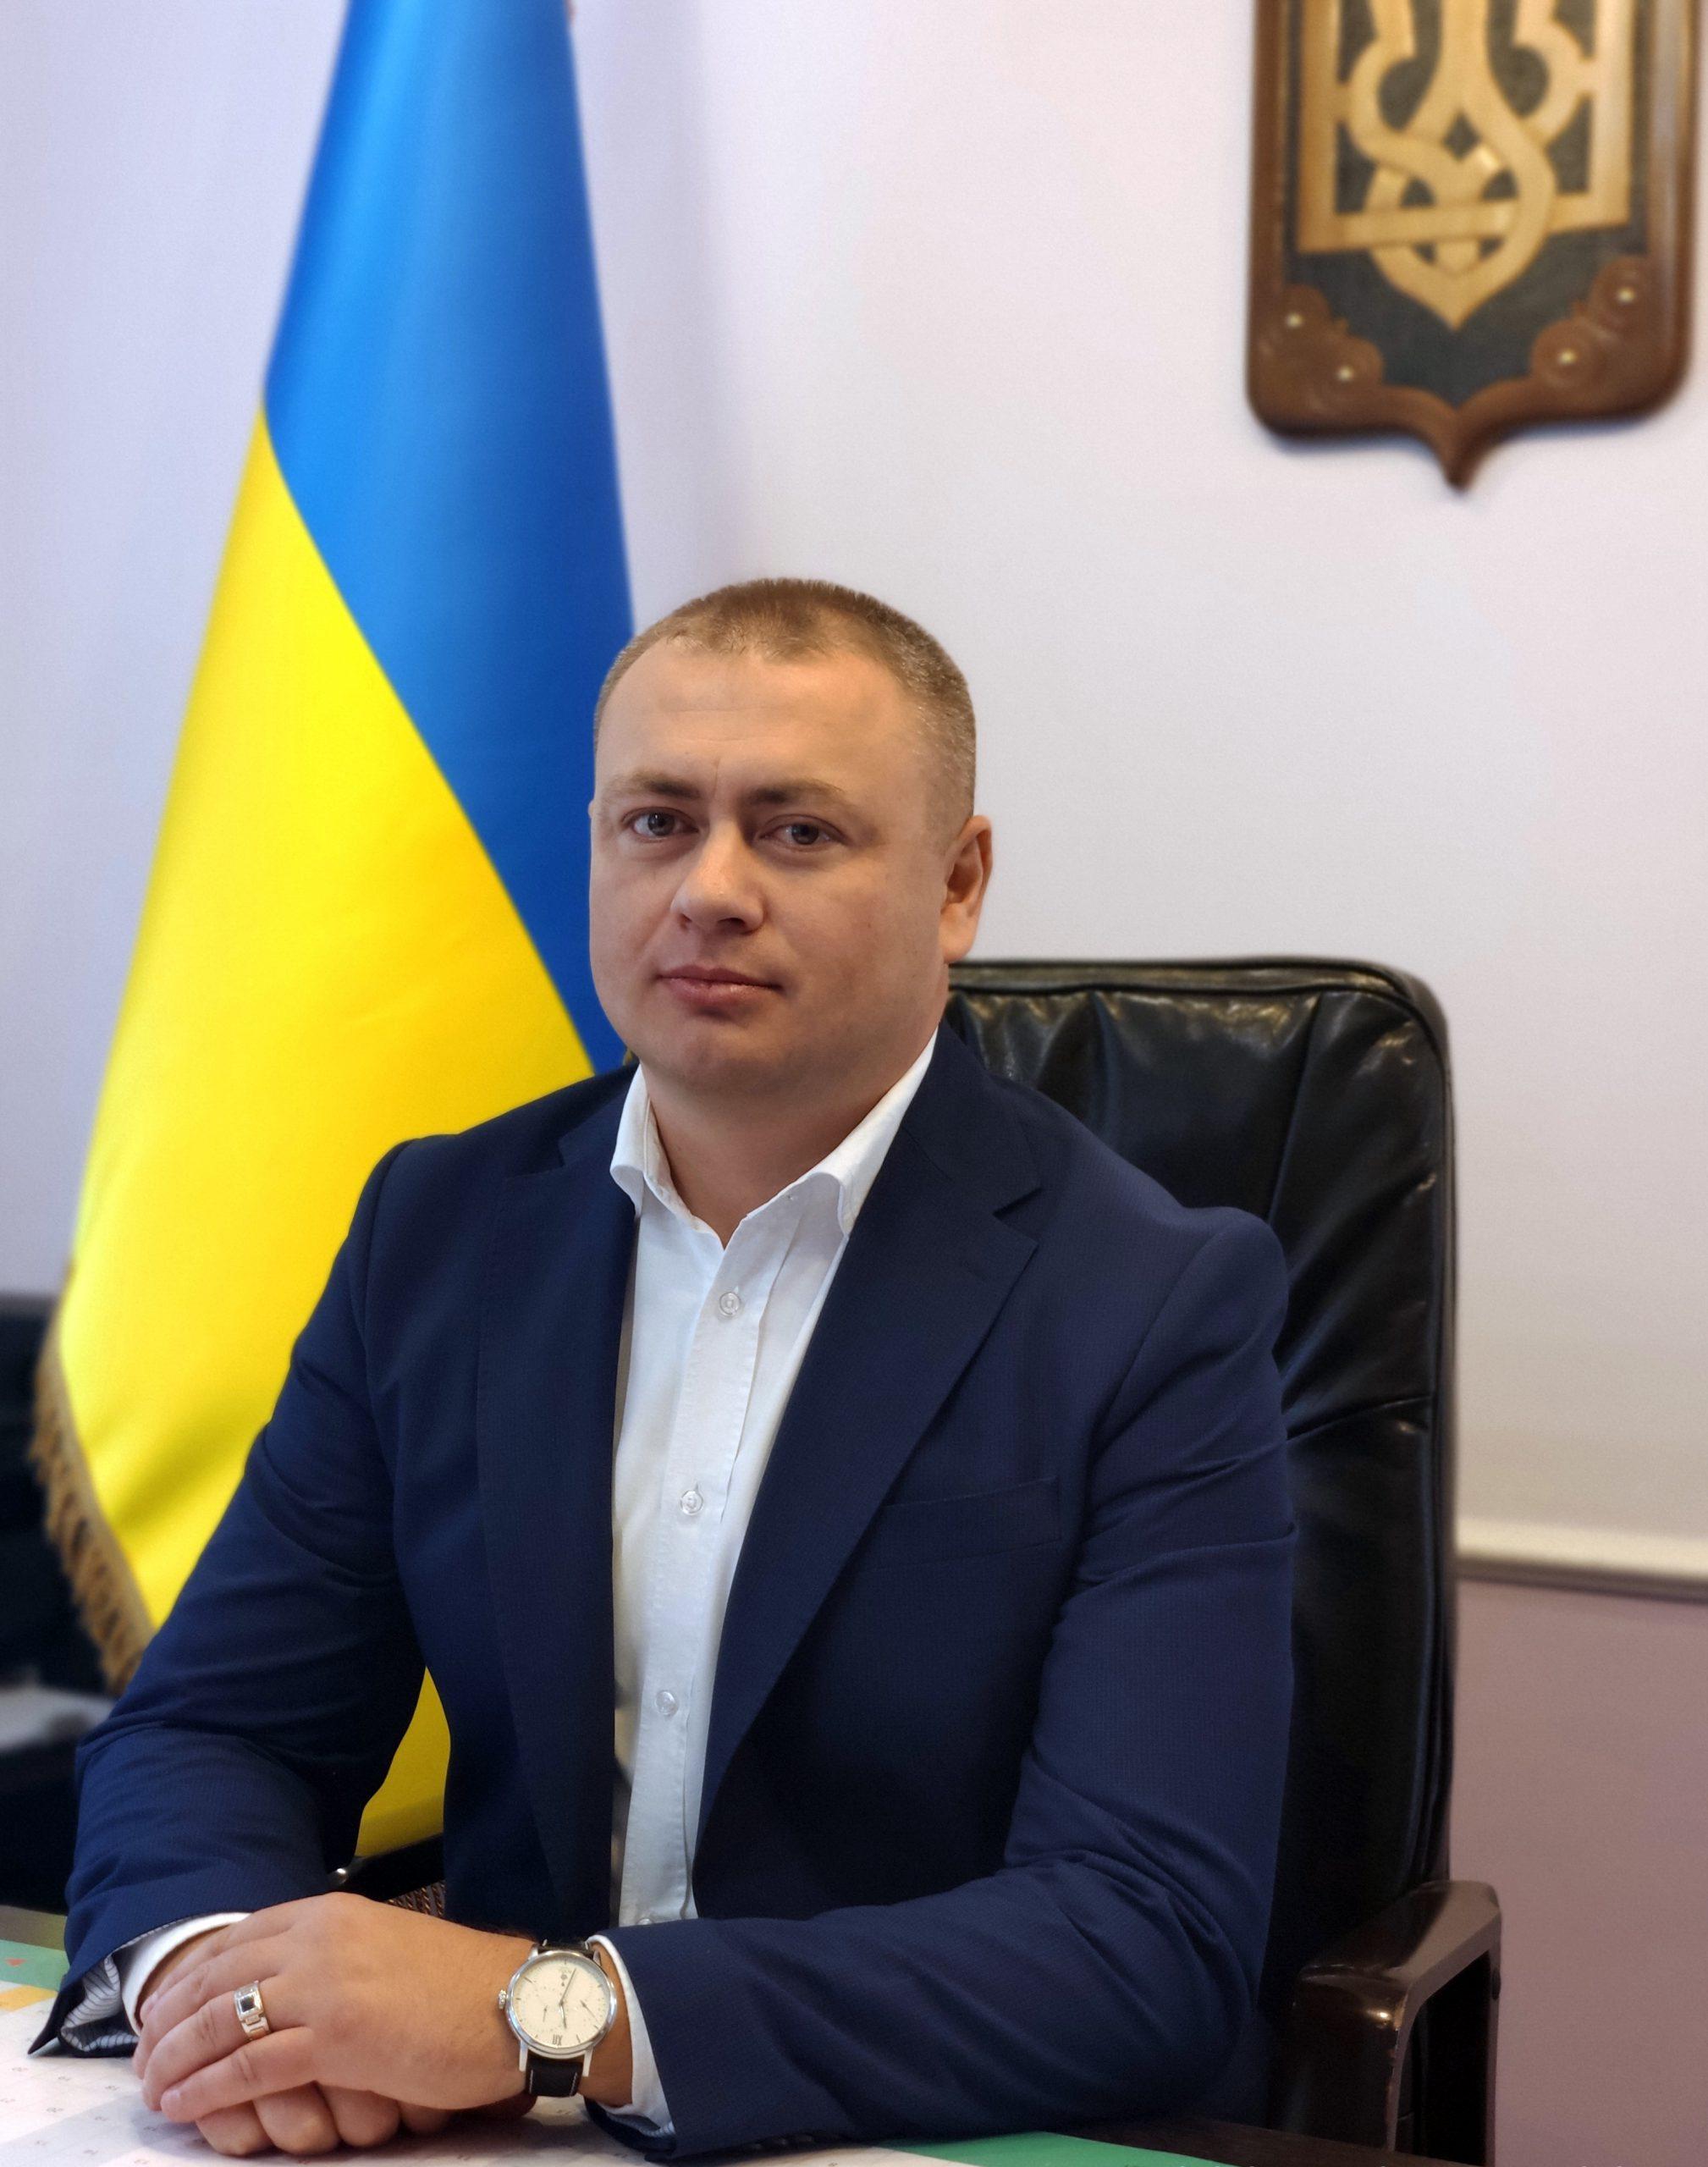 БОНДАР Євген Іванович